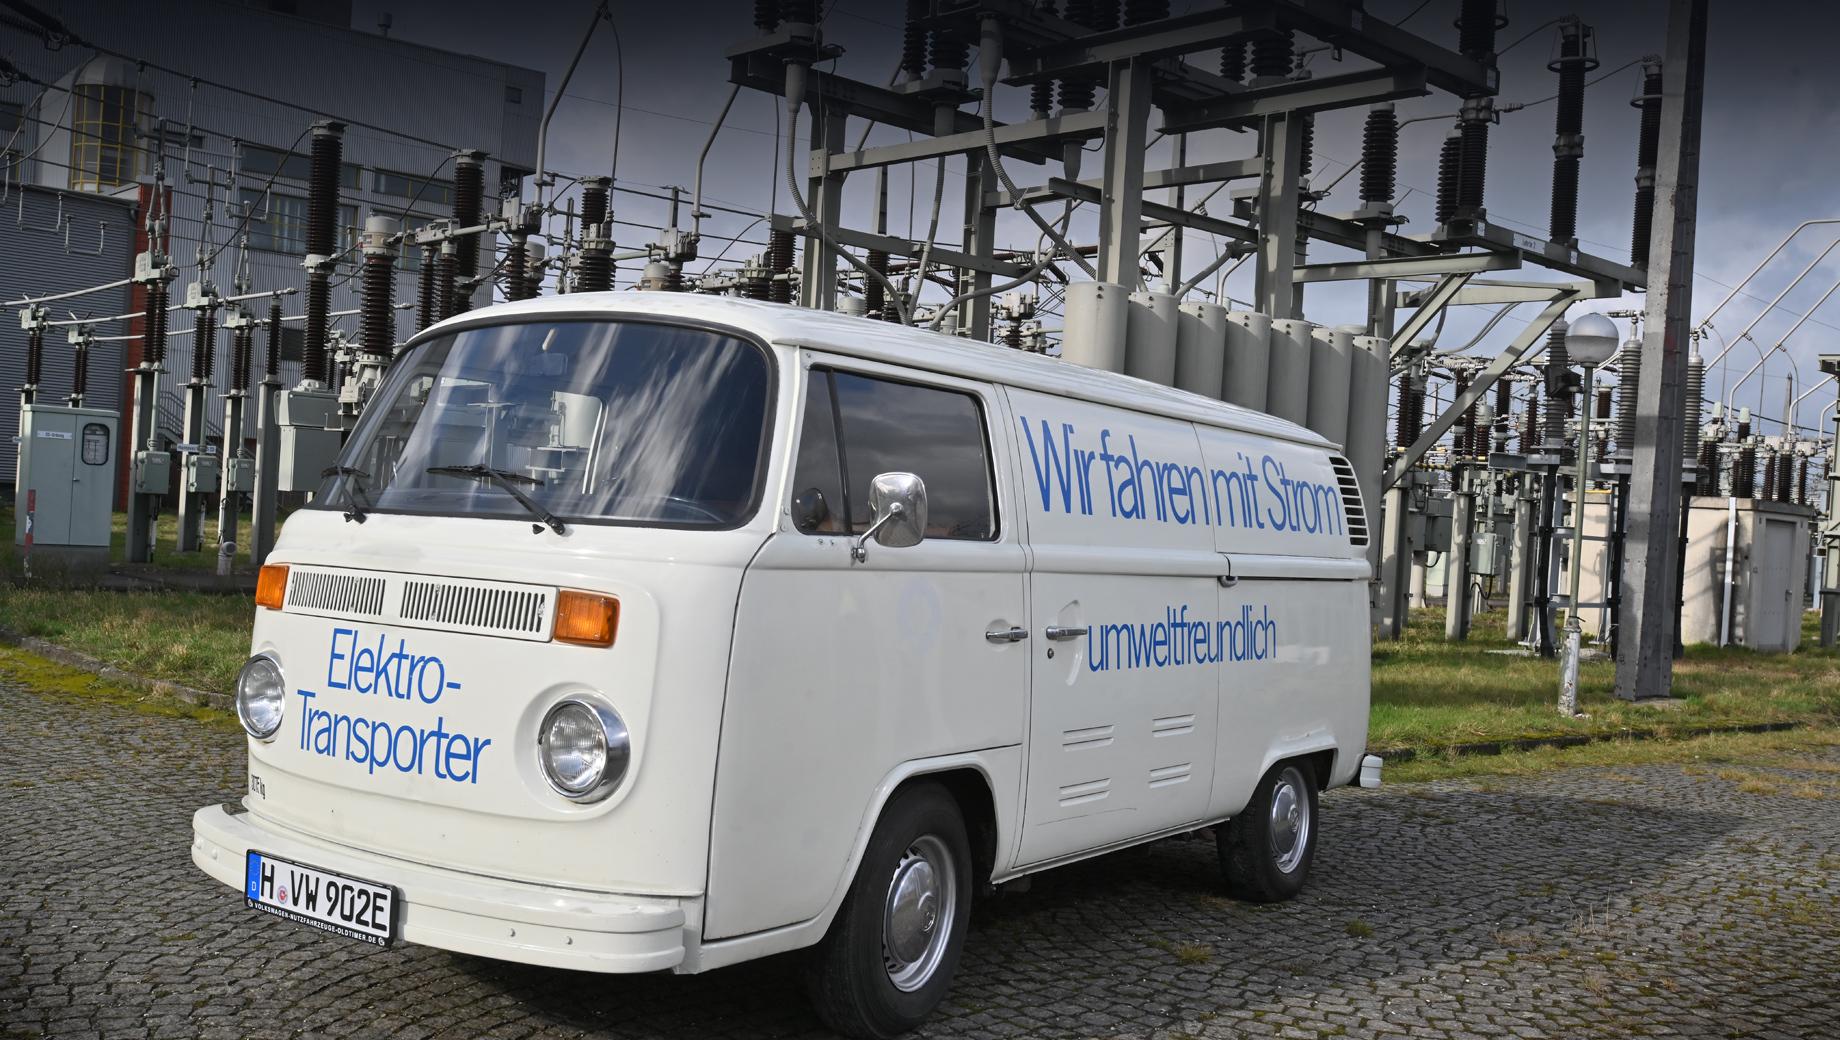 Volkswagen t2,Volkswagen t1,Volkswagen id buzz,Volkswagen concept,Volkswagen e-bulli. Модель Volkswagen T2 Elektrotransporter производилась с 1972 по 1979 год в разных версиях кузова: как микроавтобус, фургон и пикап с грузоподъёмностью в 800 кг.